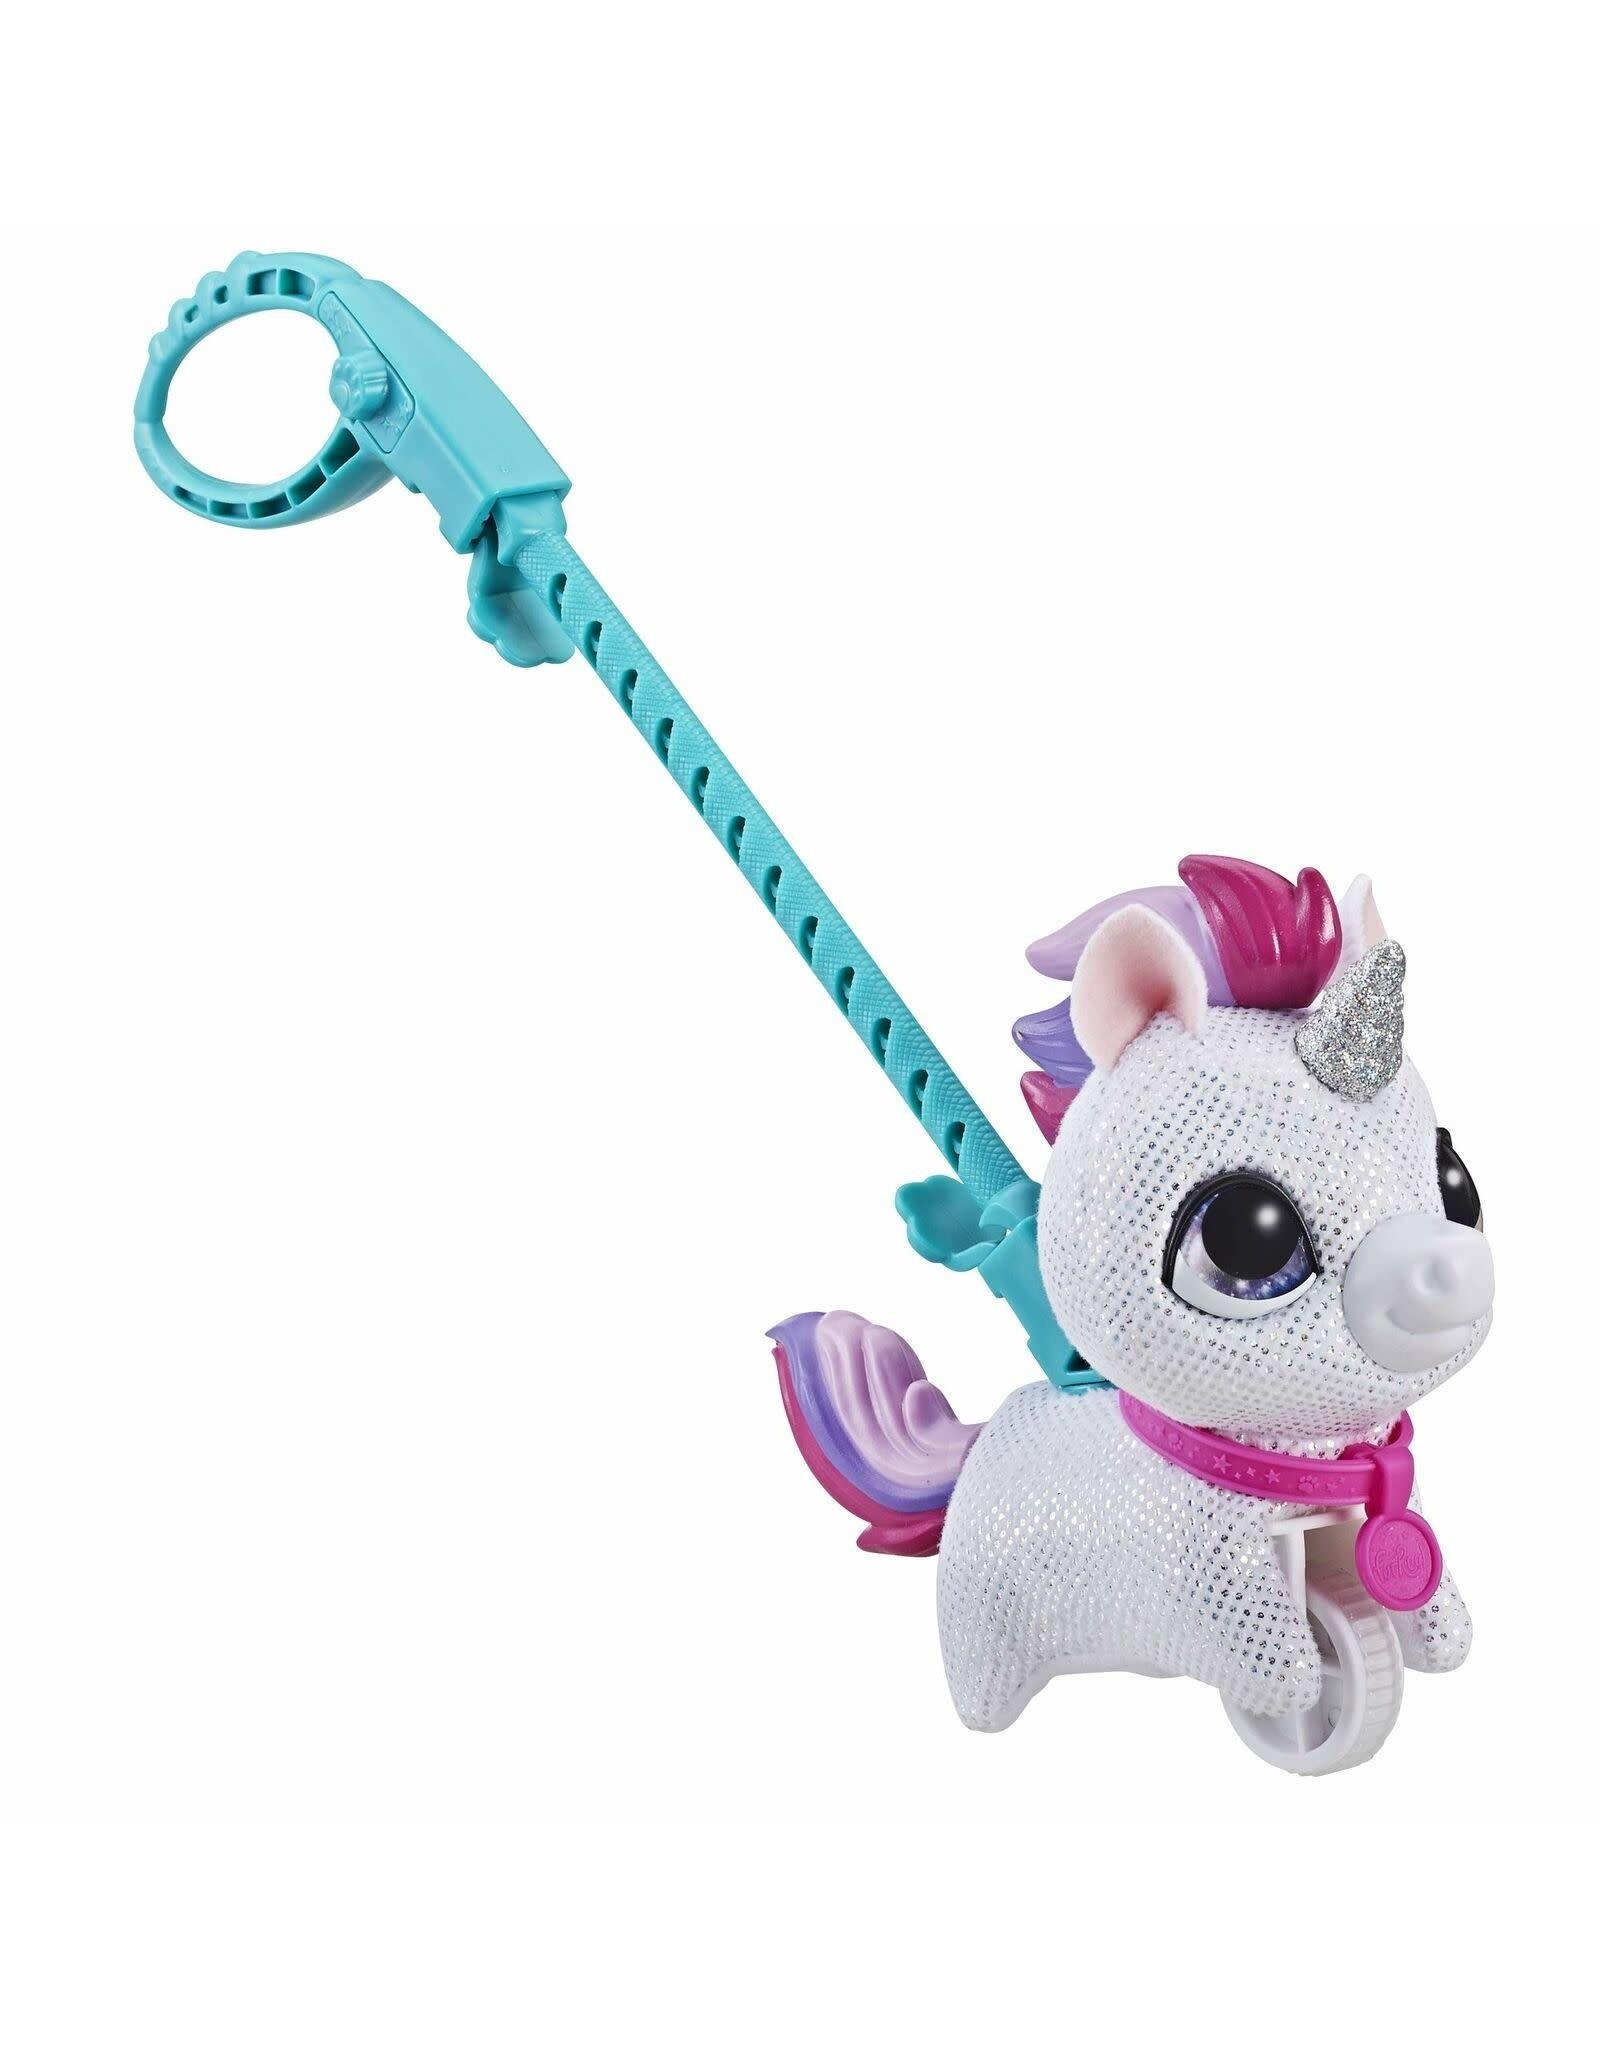 Hasbro FURREAL LIL WAGS Unicorn